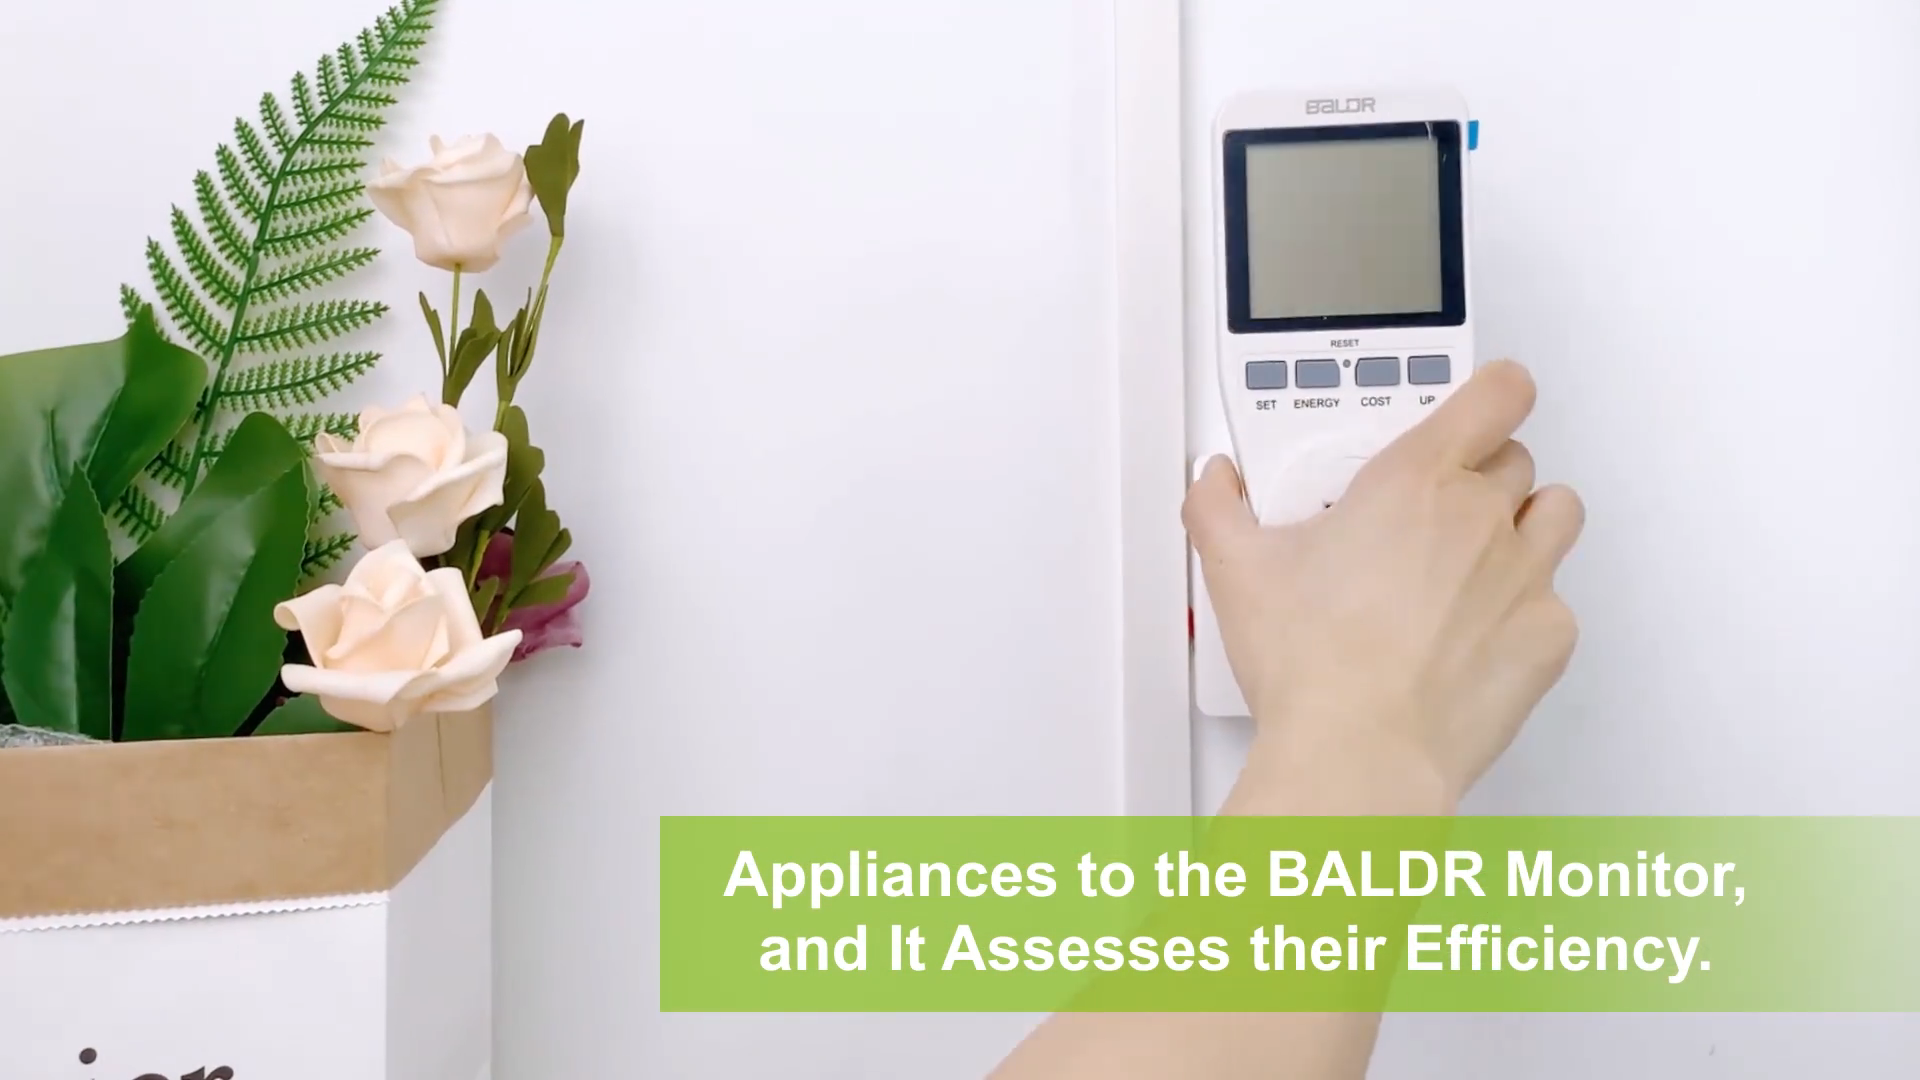 BALDR B3091 US/EU Điện Màn Hình Điện Năng Lượng Cách Sử Dụng Thông Minh Ổ Cắm Meter Giết Một Watt Tiêu Thụ Đồng Hồ Điện